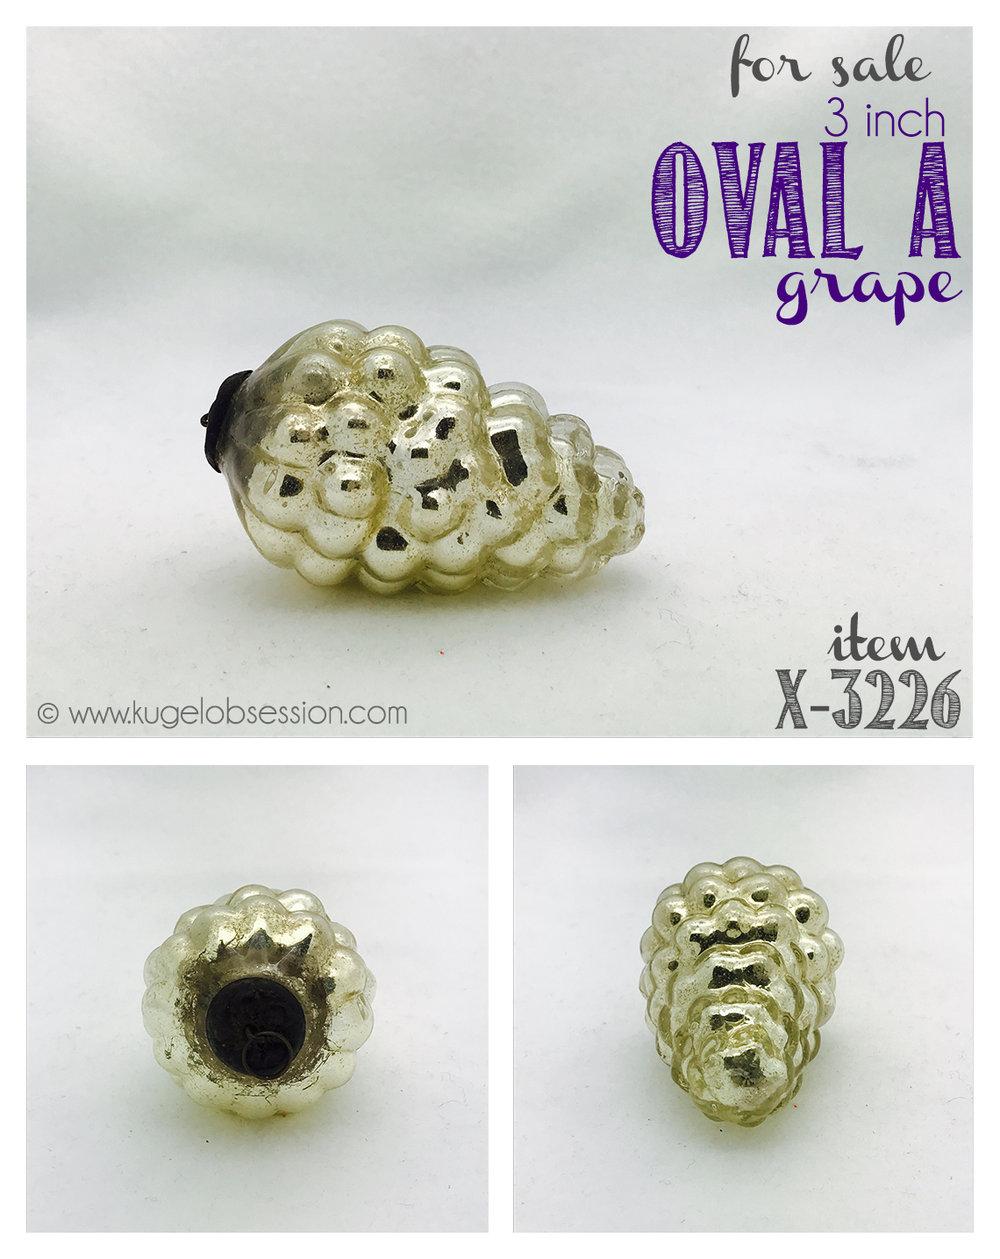 """antique kugel christmas ornament for sale X-3226"""" silver oval A grape #kugelforsale #antiquekugel #christmasornament #kugelobsession"""